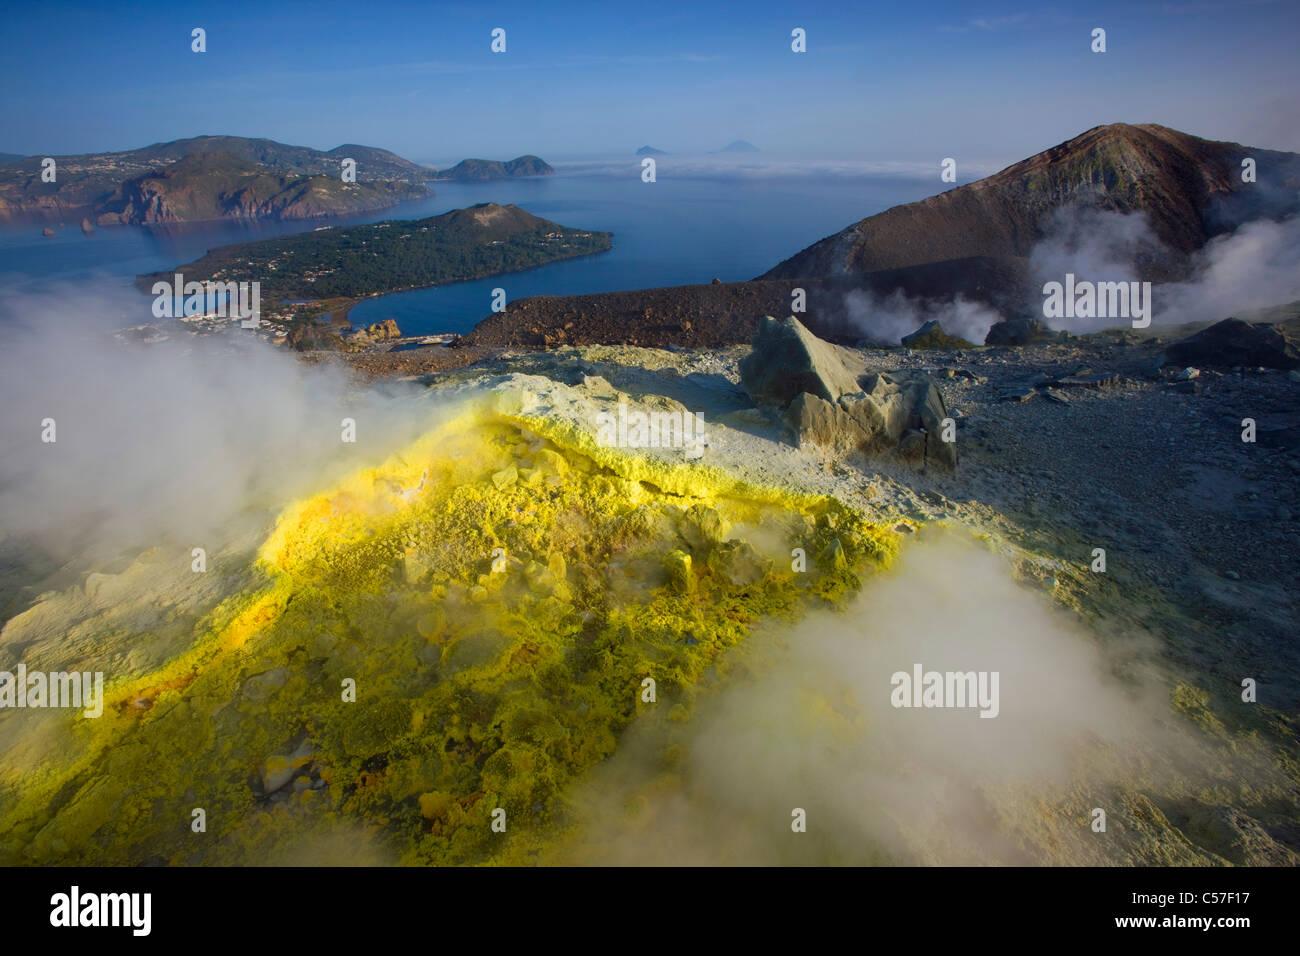 Vulcano, Italia, Europa, isole Lipari, isola, isola, vulcano Crater, fumarola, zolfo, zolfo, la deposizione a vapore, Immagini Stock